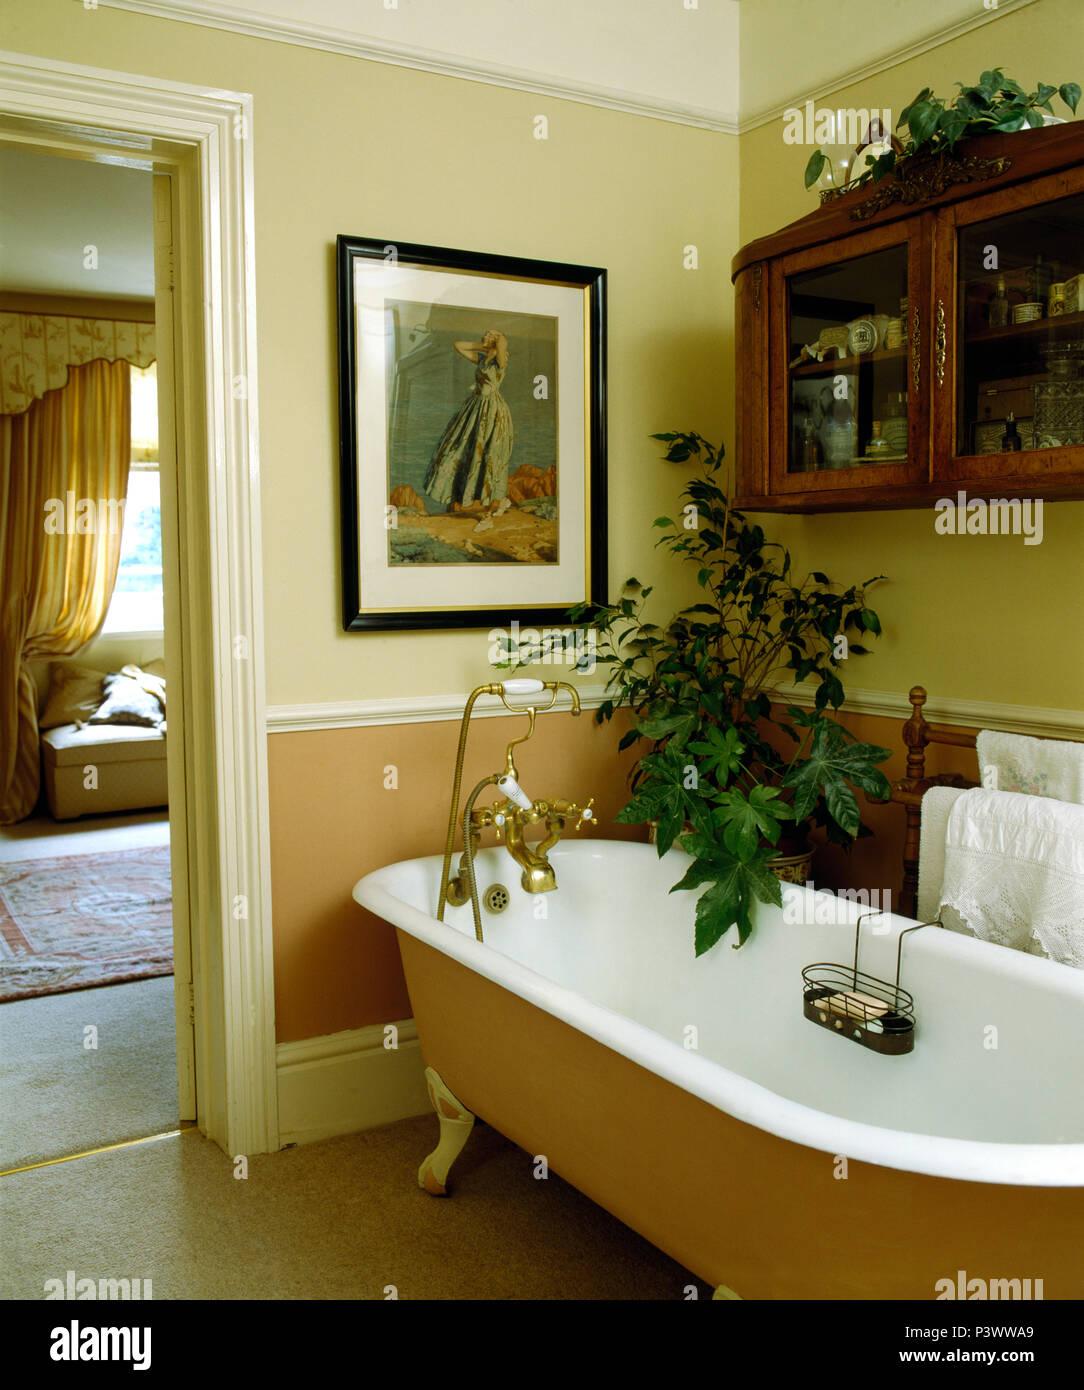 Petit Verre/placard mural au-dessus de baignoire dans salle ...